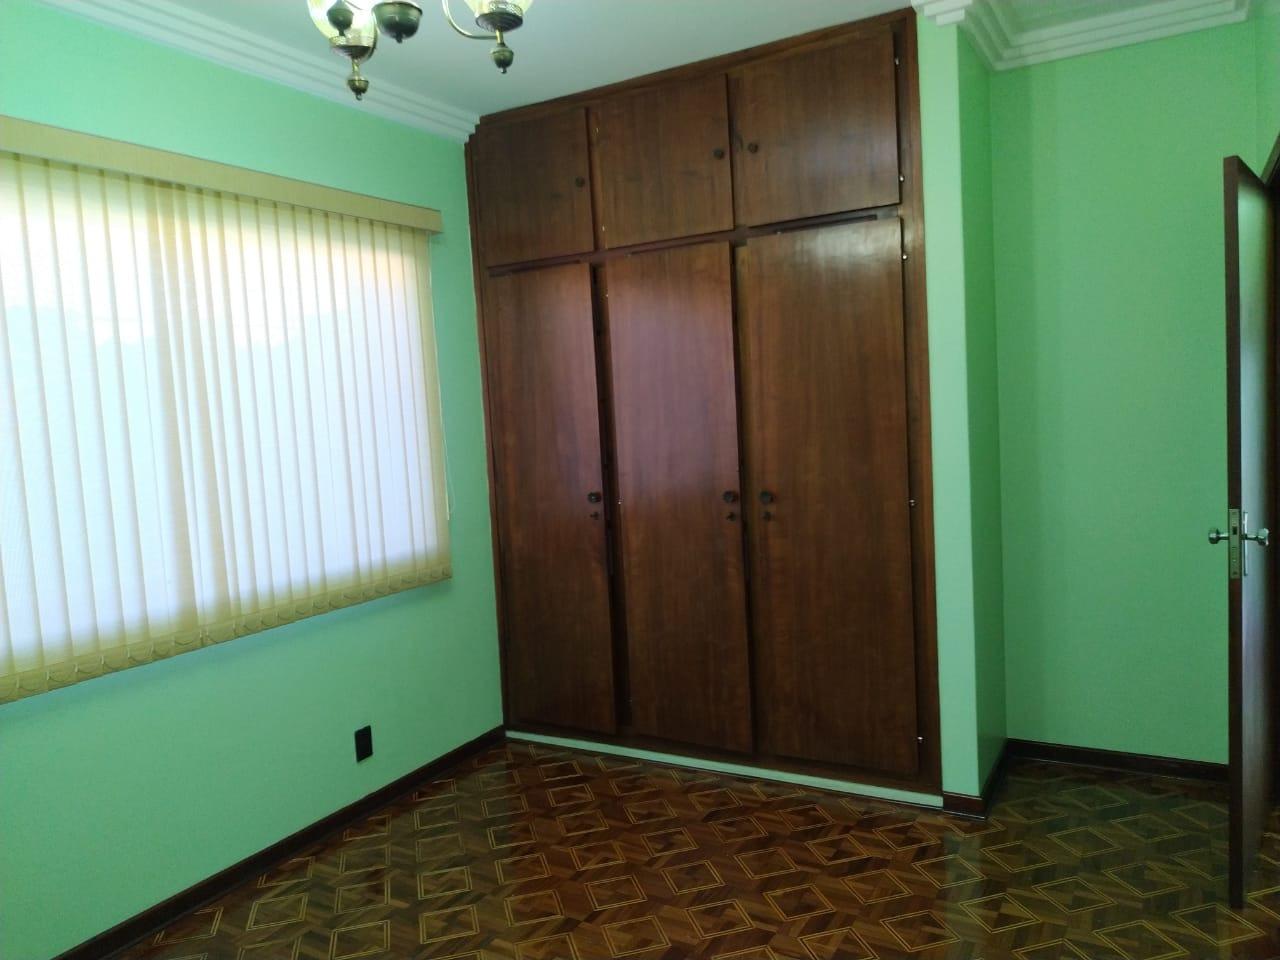 Sala Comercial para alugar, no bairro Jardim São Cristóvão I em Rio das Pedras - SP